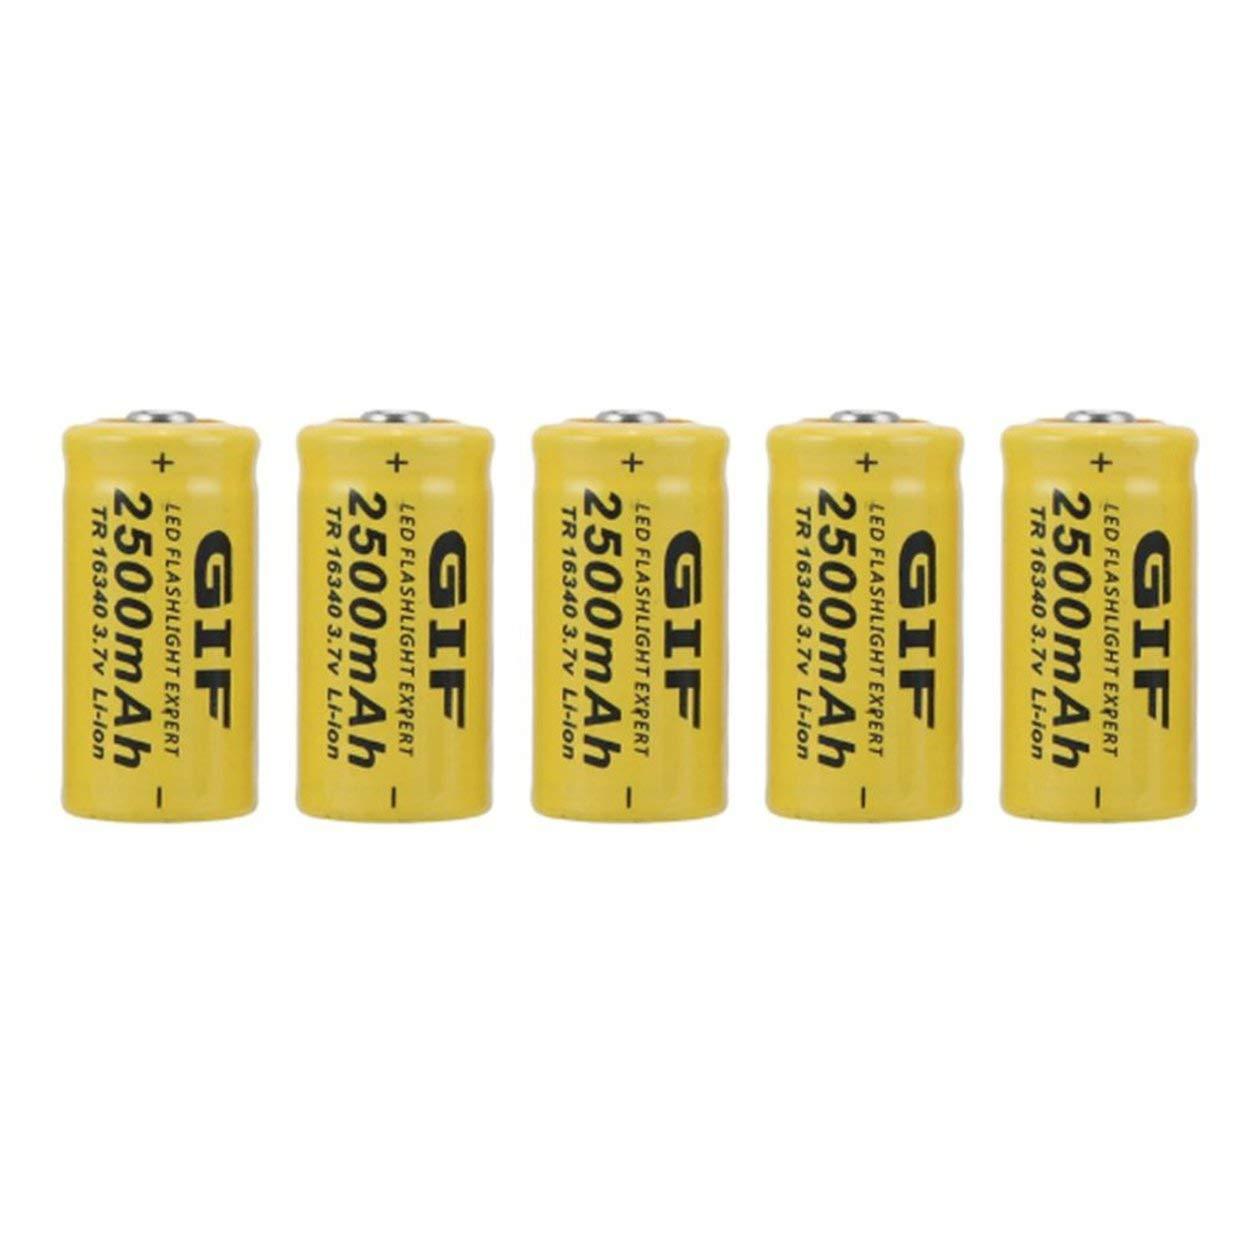 Recargable kit de baterías para la cámara de Netgear Arlo Seguridad - paquete de 20 baterías,amarillo: Amazon.es: Bebé